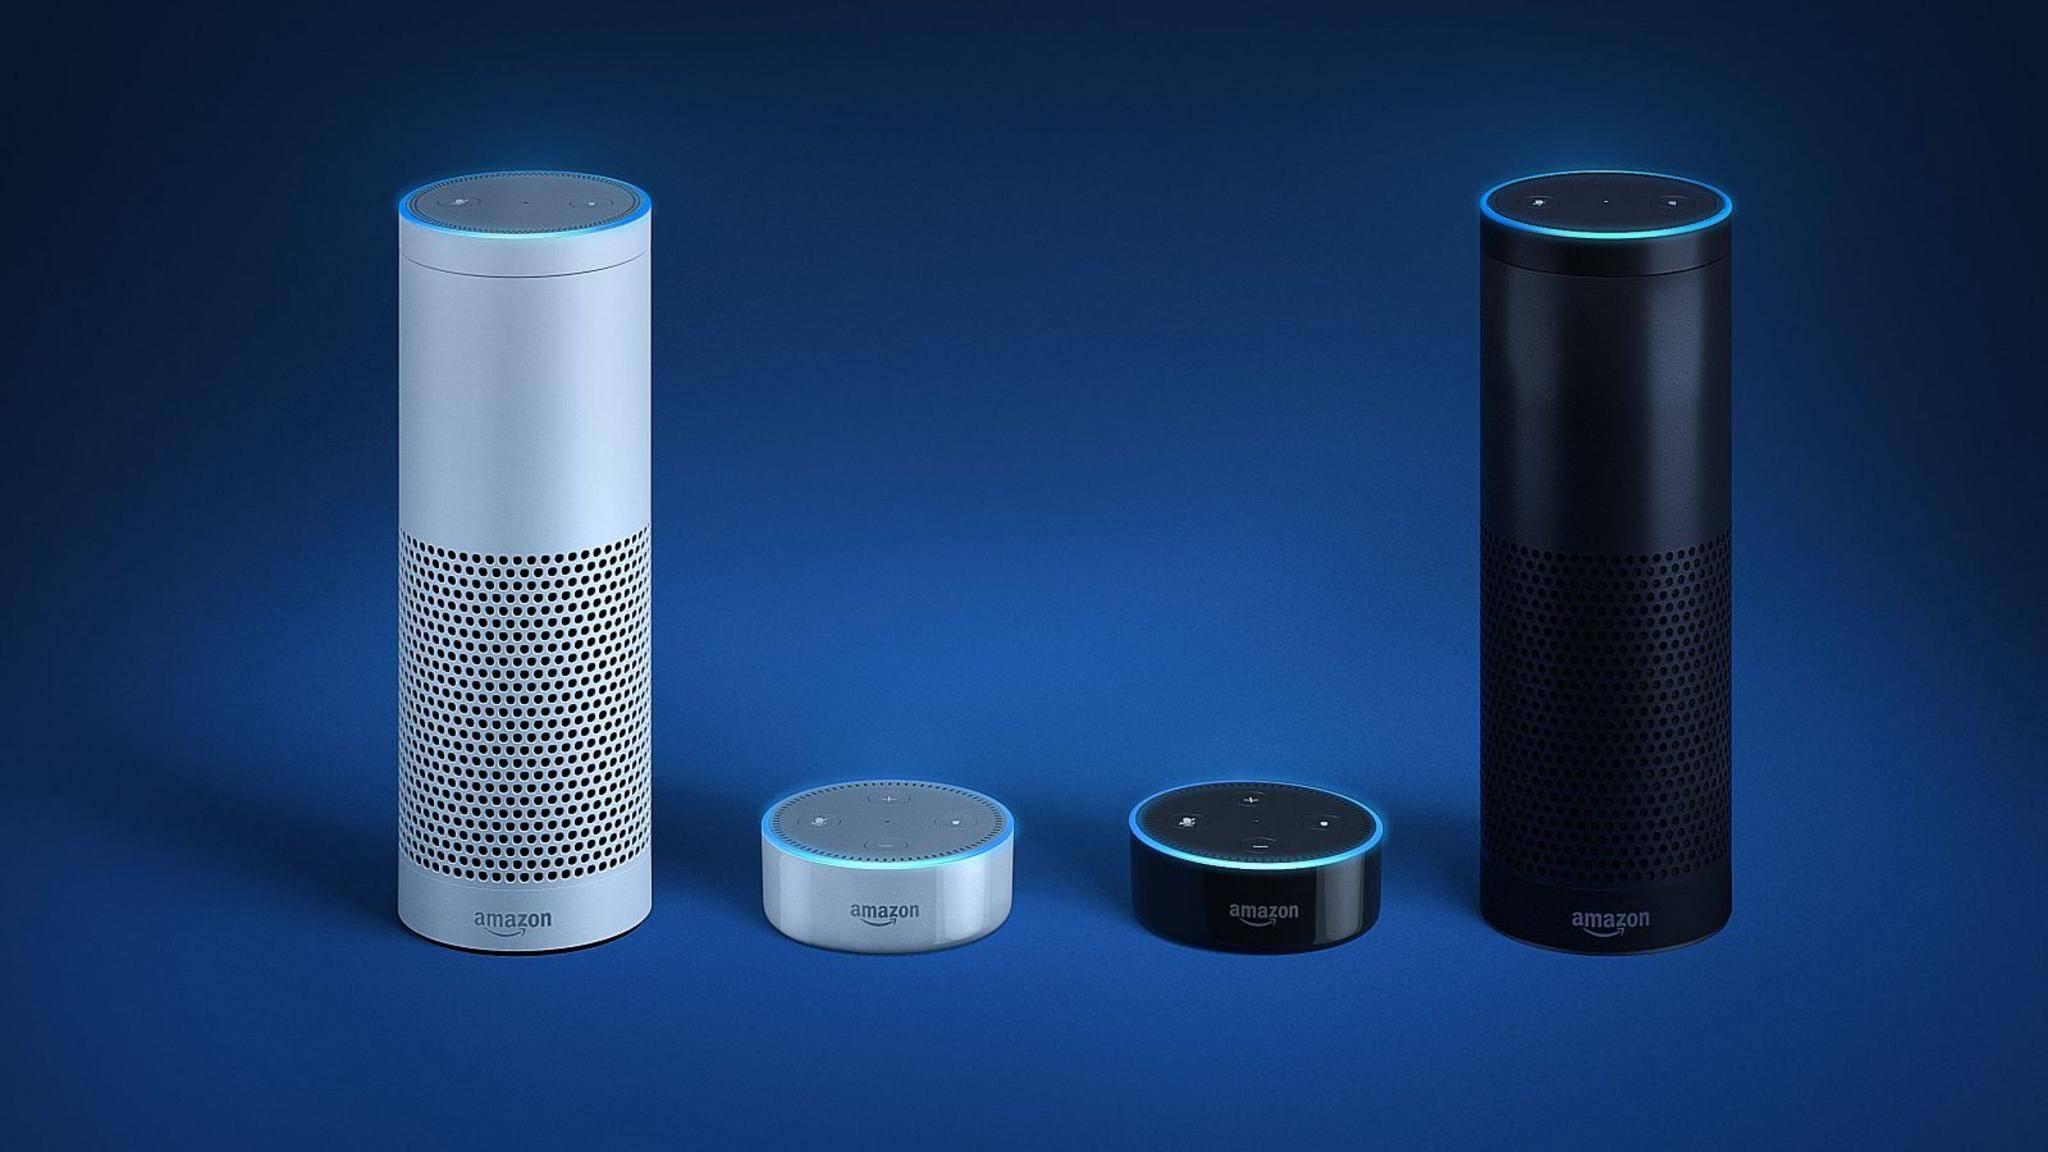 Der Echo-Lautsprecher von Amazon kann per Sprachbefehl gesteuert werden.